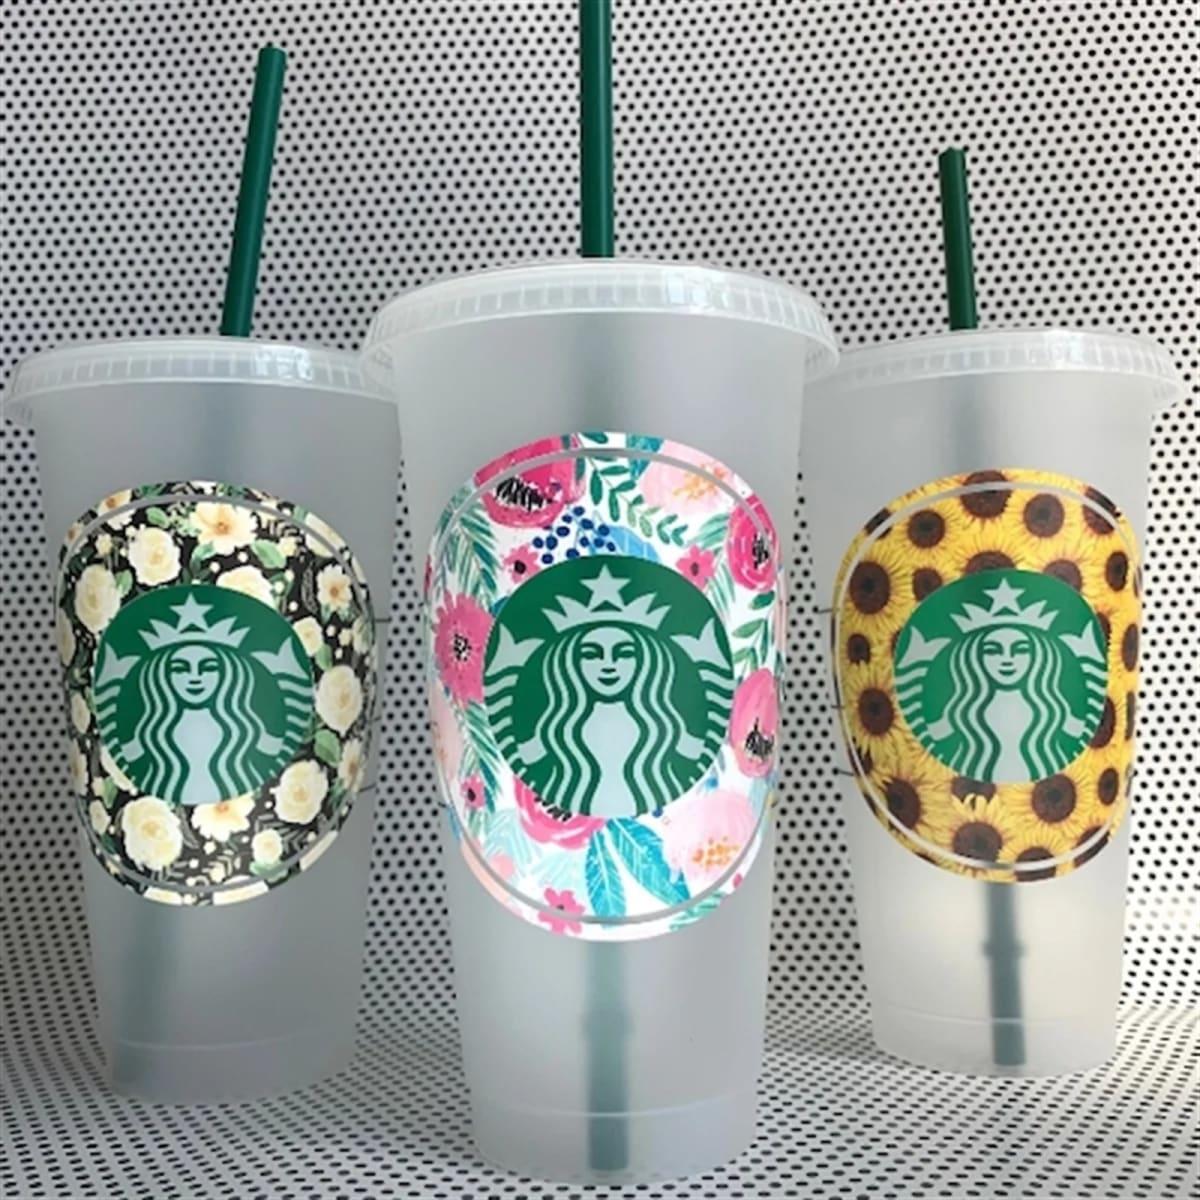 Personalized Starbucks Venti Cold Cup